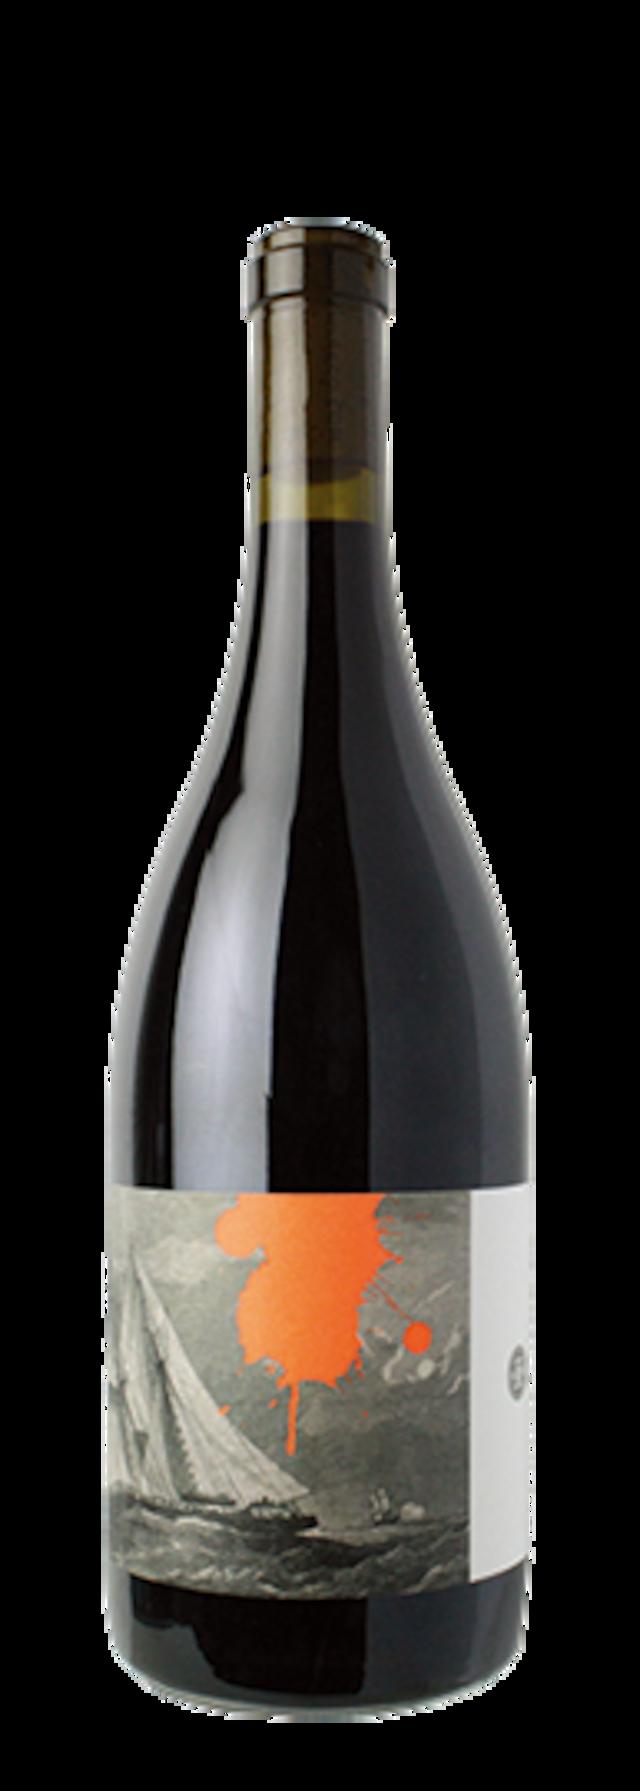 2018 クルーズ・ワイン・カンパニー モンキー・ジャケット レッド・ブレンド ノース・コースト